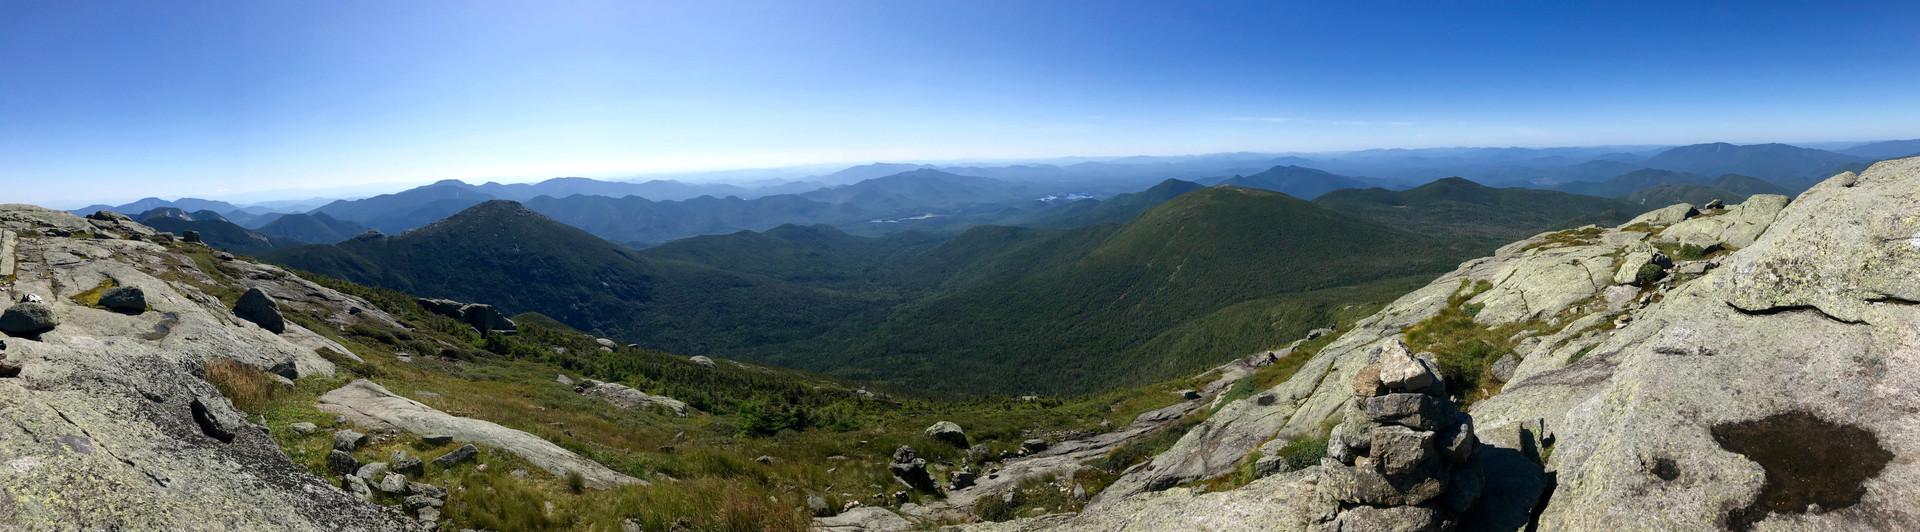 Mt. Marcy, Adirondack Park, NY